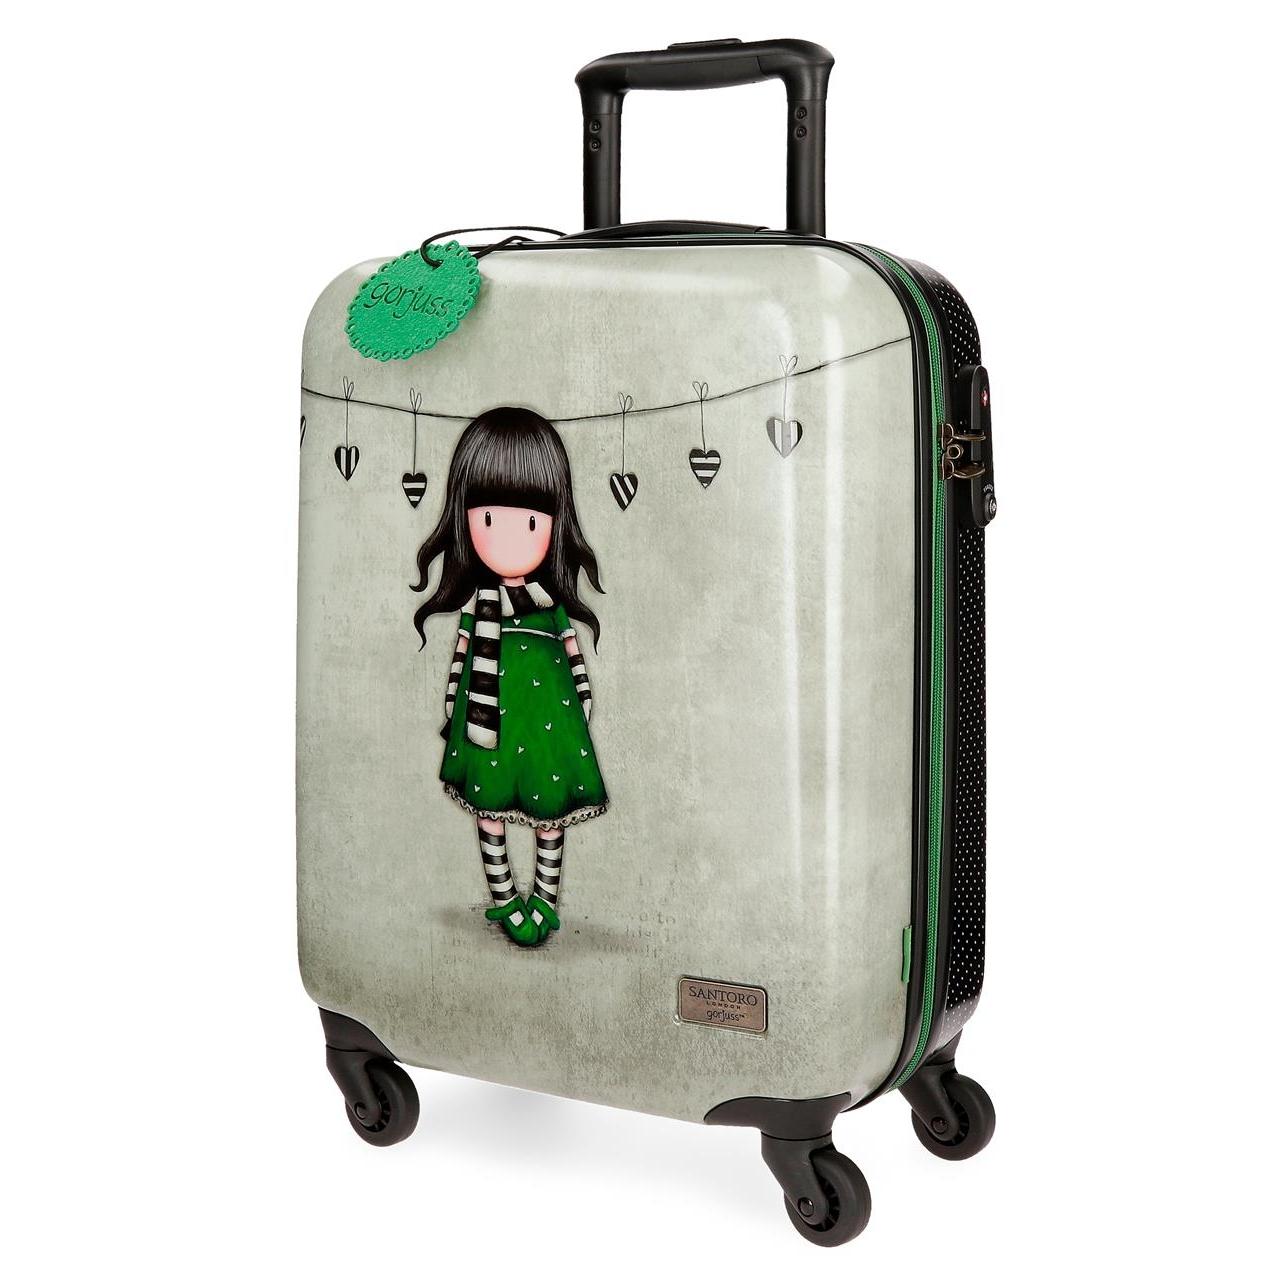 Santoro London - Cestovní kufr na kolečkách 33l- Gorjuss - The Scarf - 37x55x20 cm